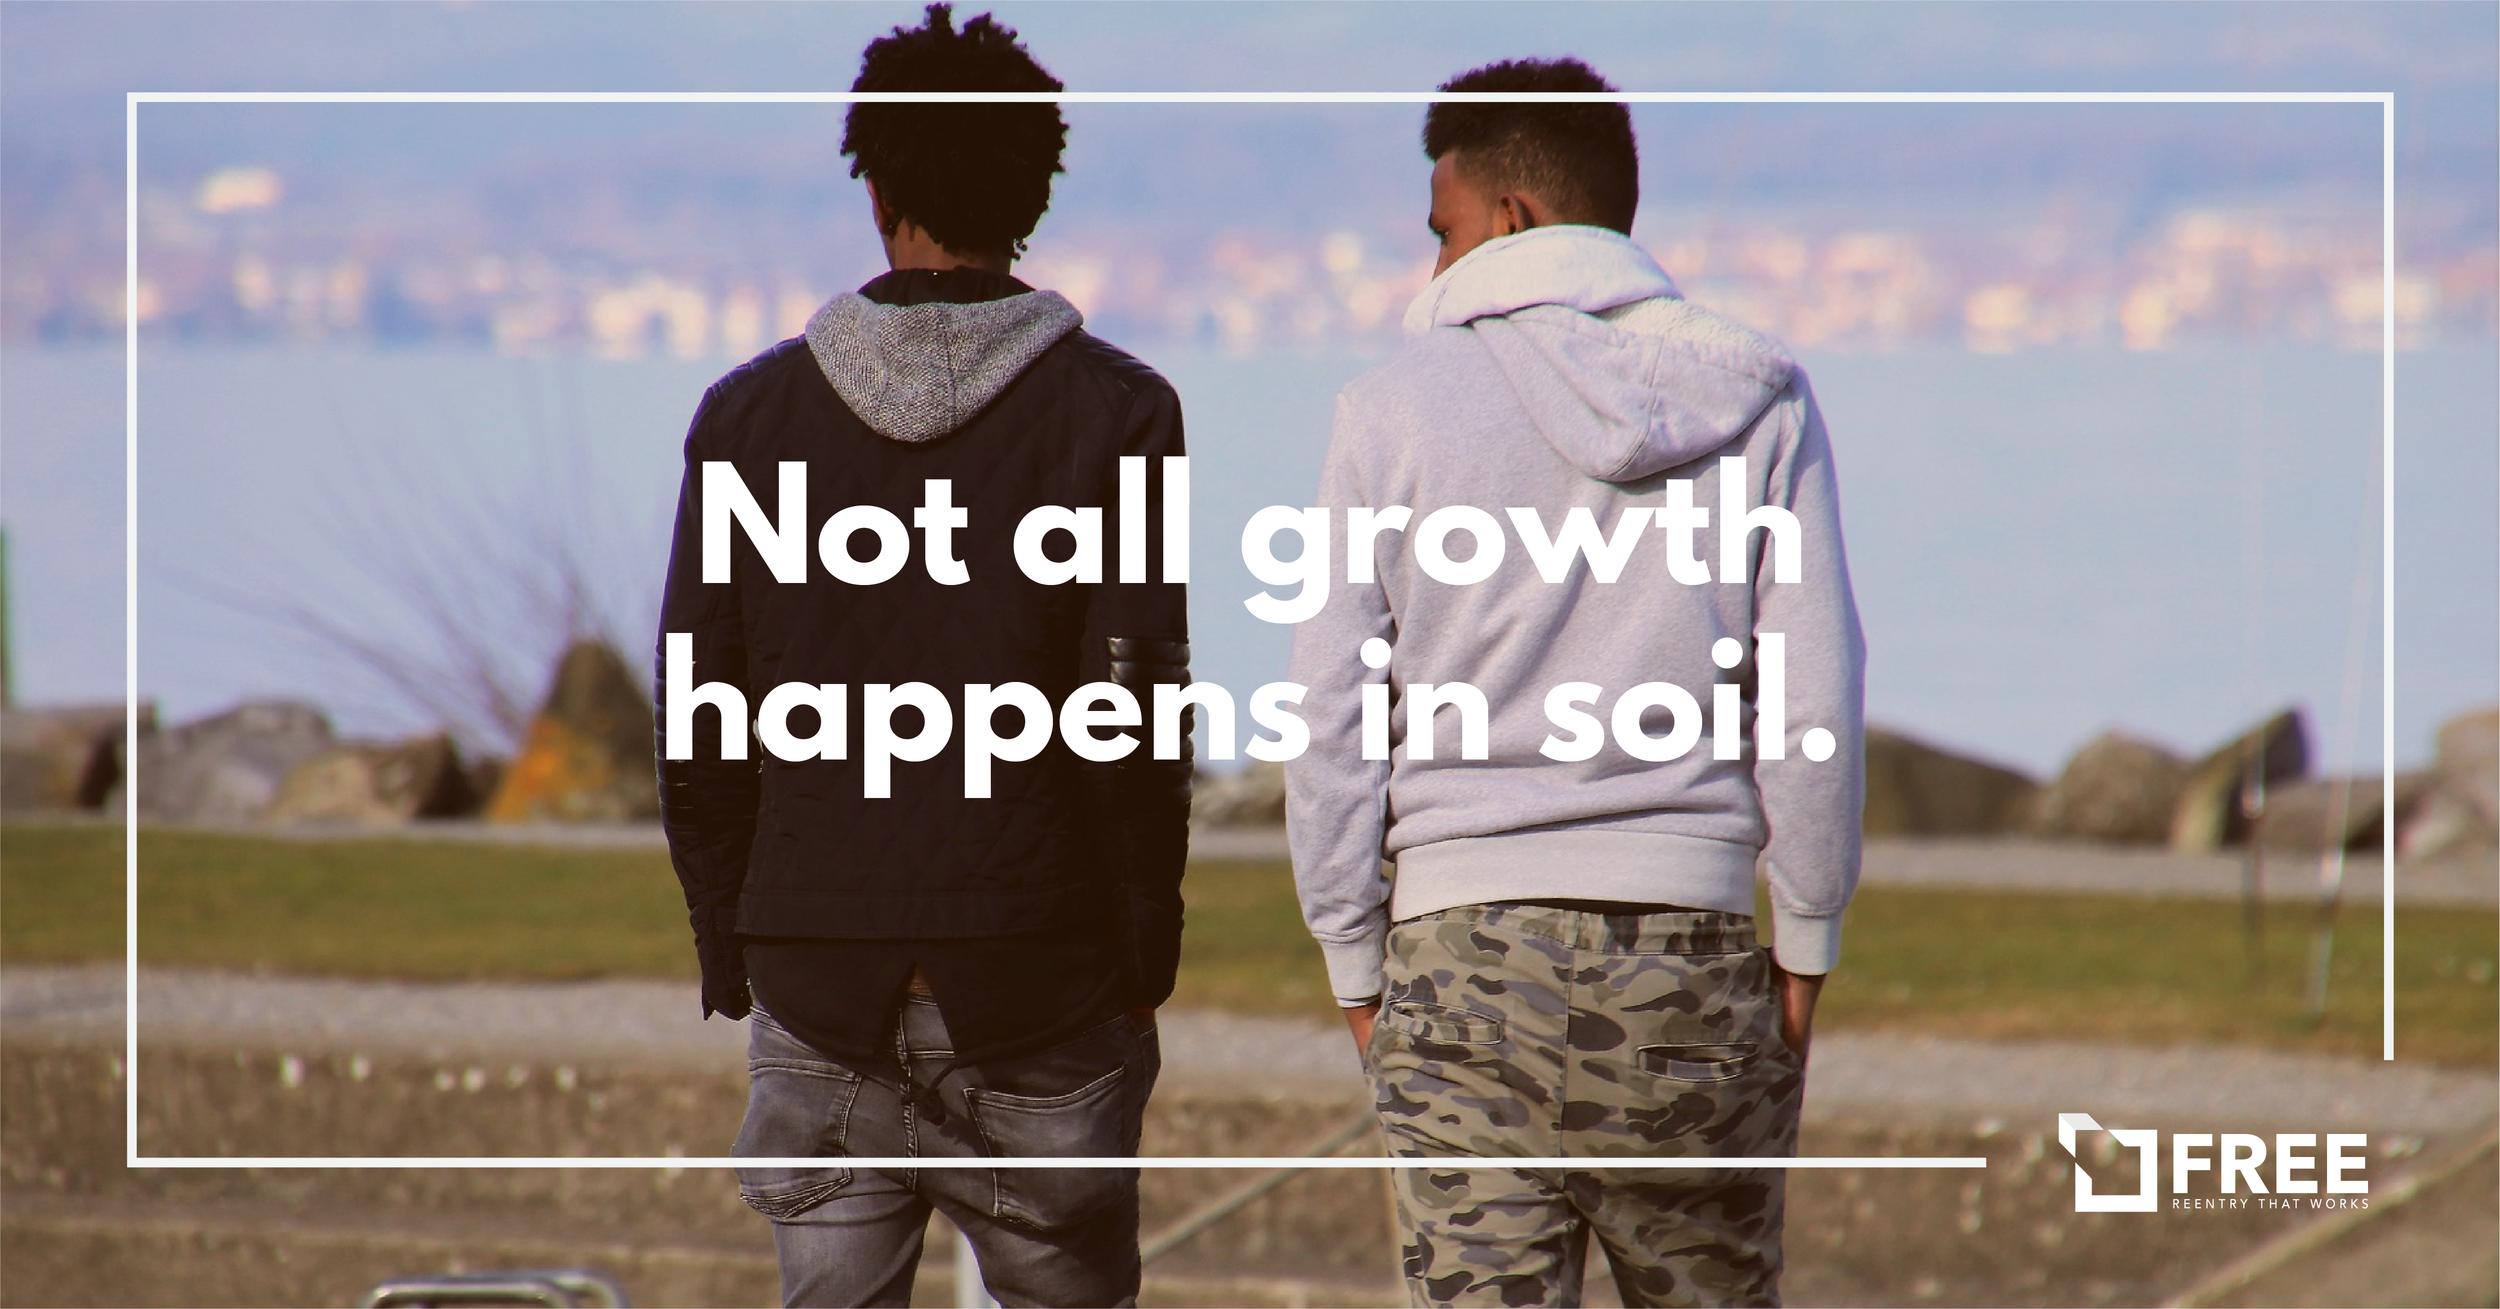 FREE-_Facebook-Soil.png